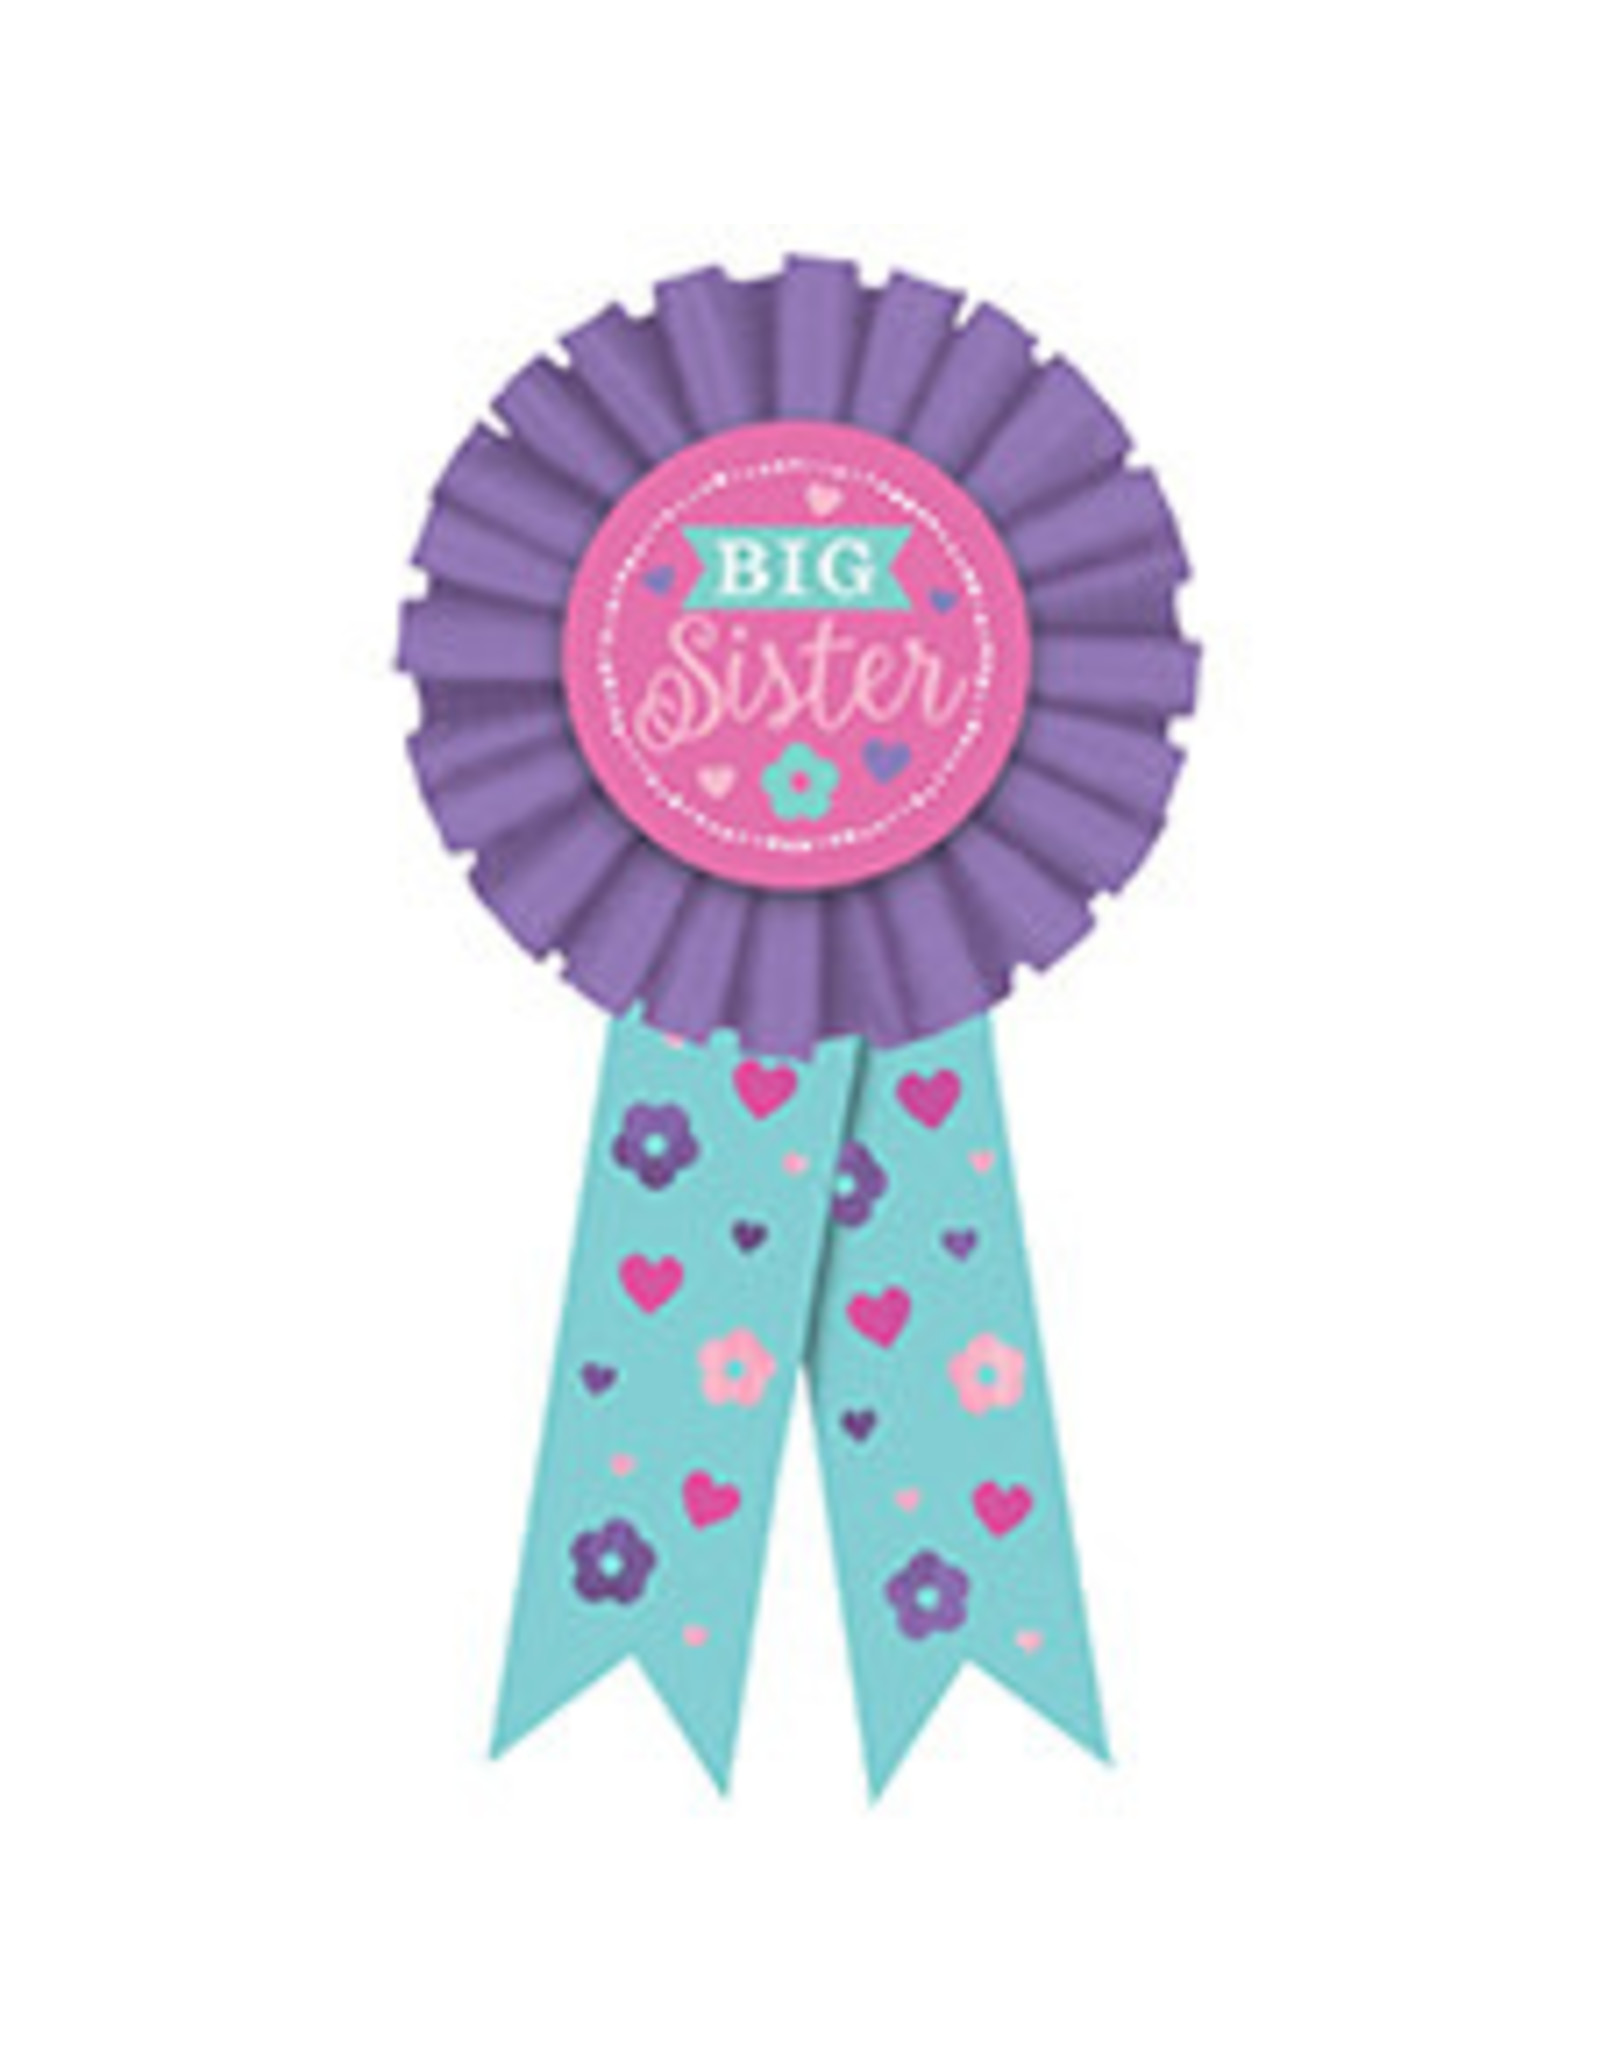 Amscan Big Sister Award Ribbon - 1ct.